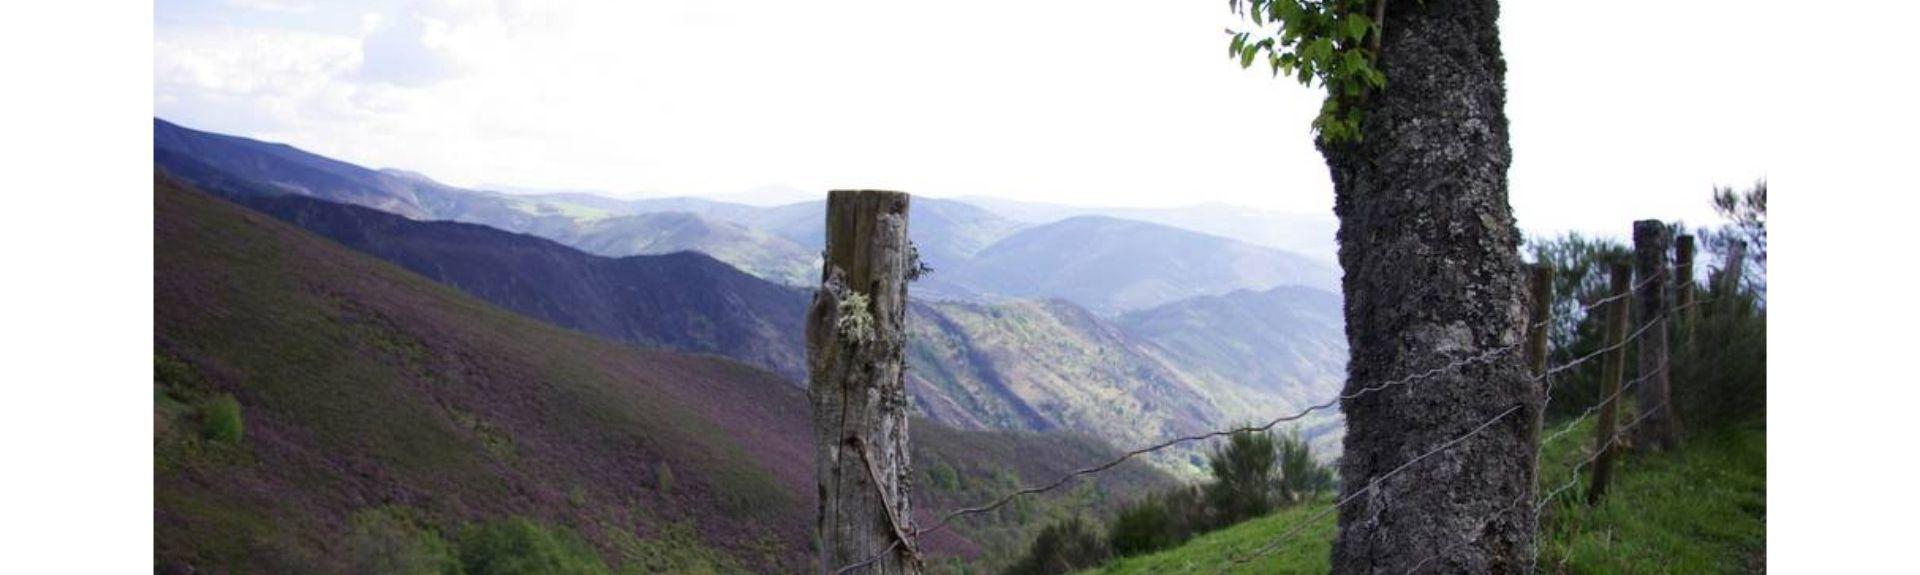 Os Ancares, Galicia, Spain